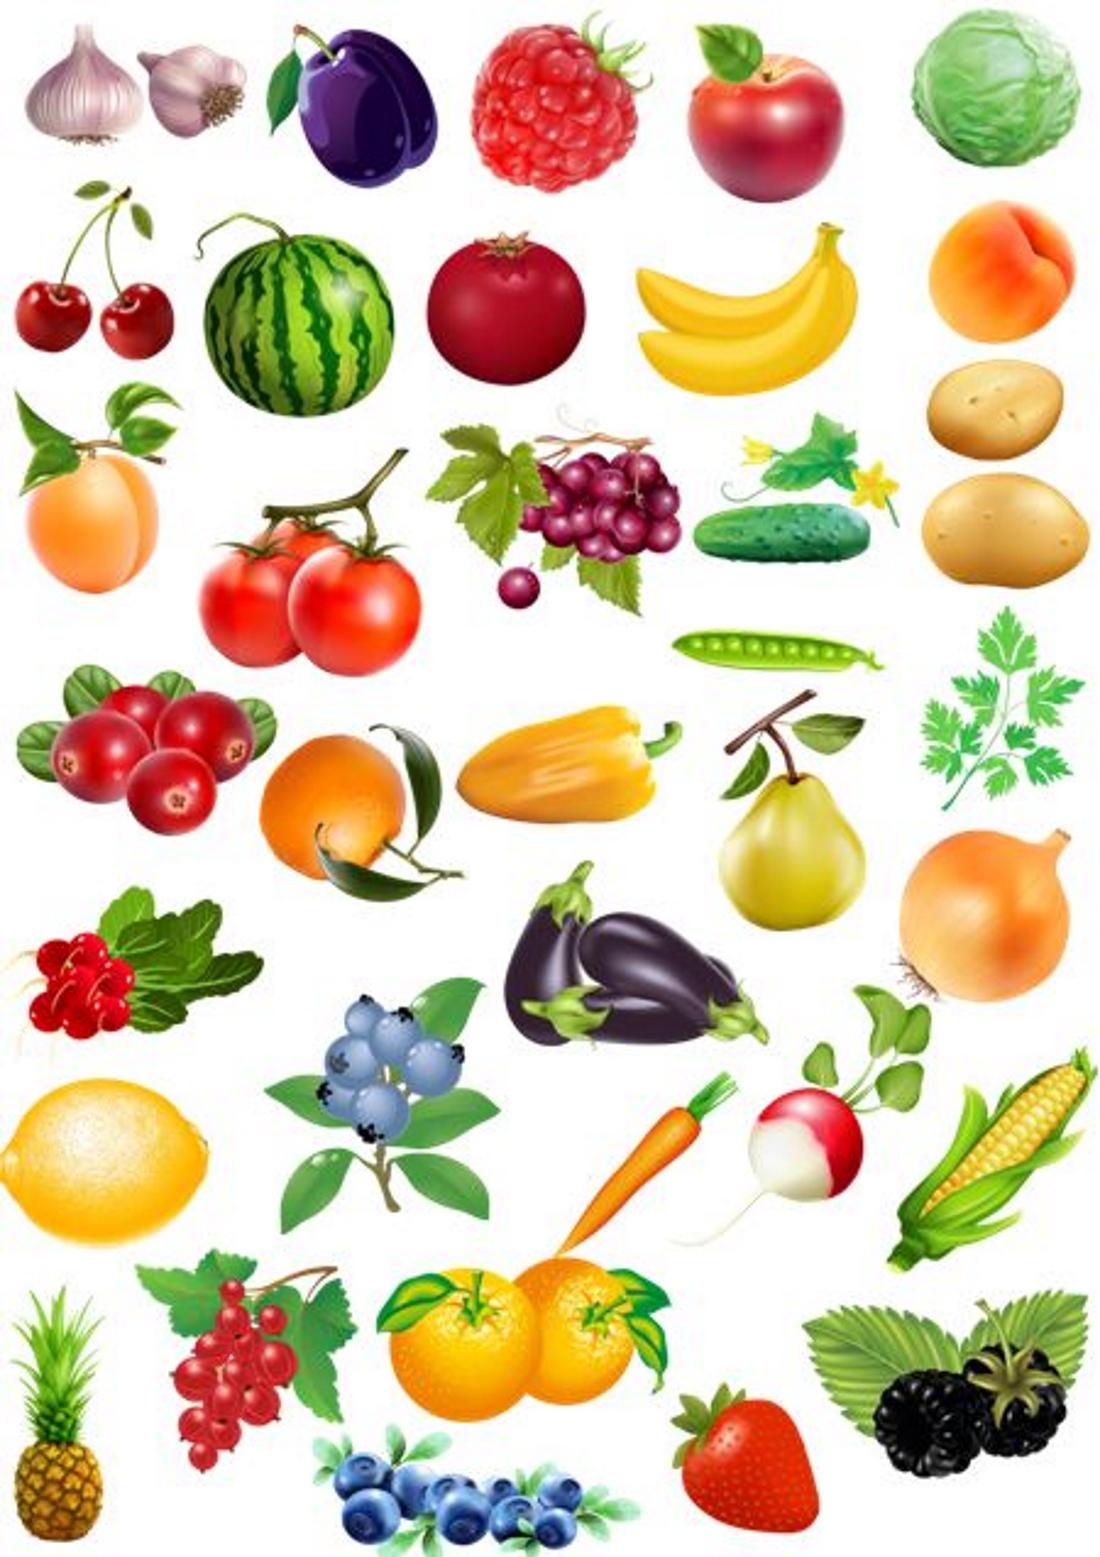 здесь ягоды и фрукты в картинках для малышей горячую